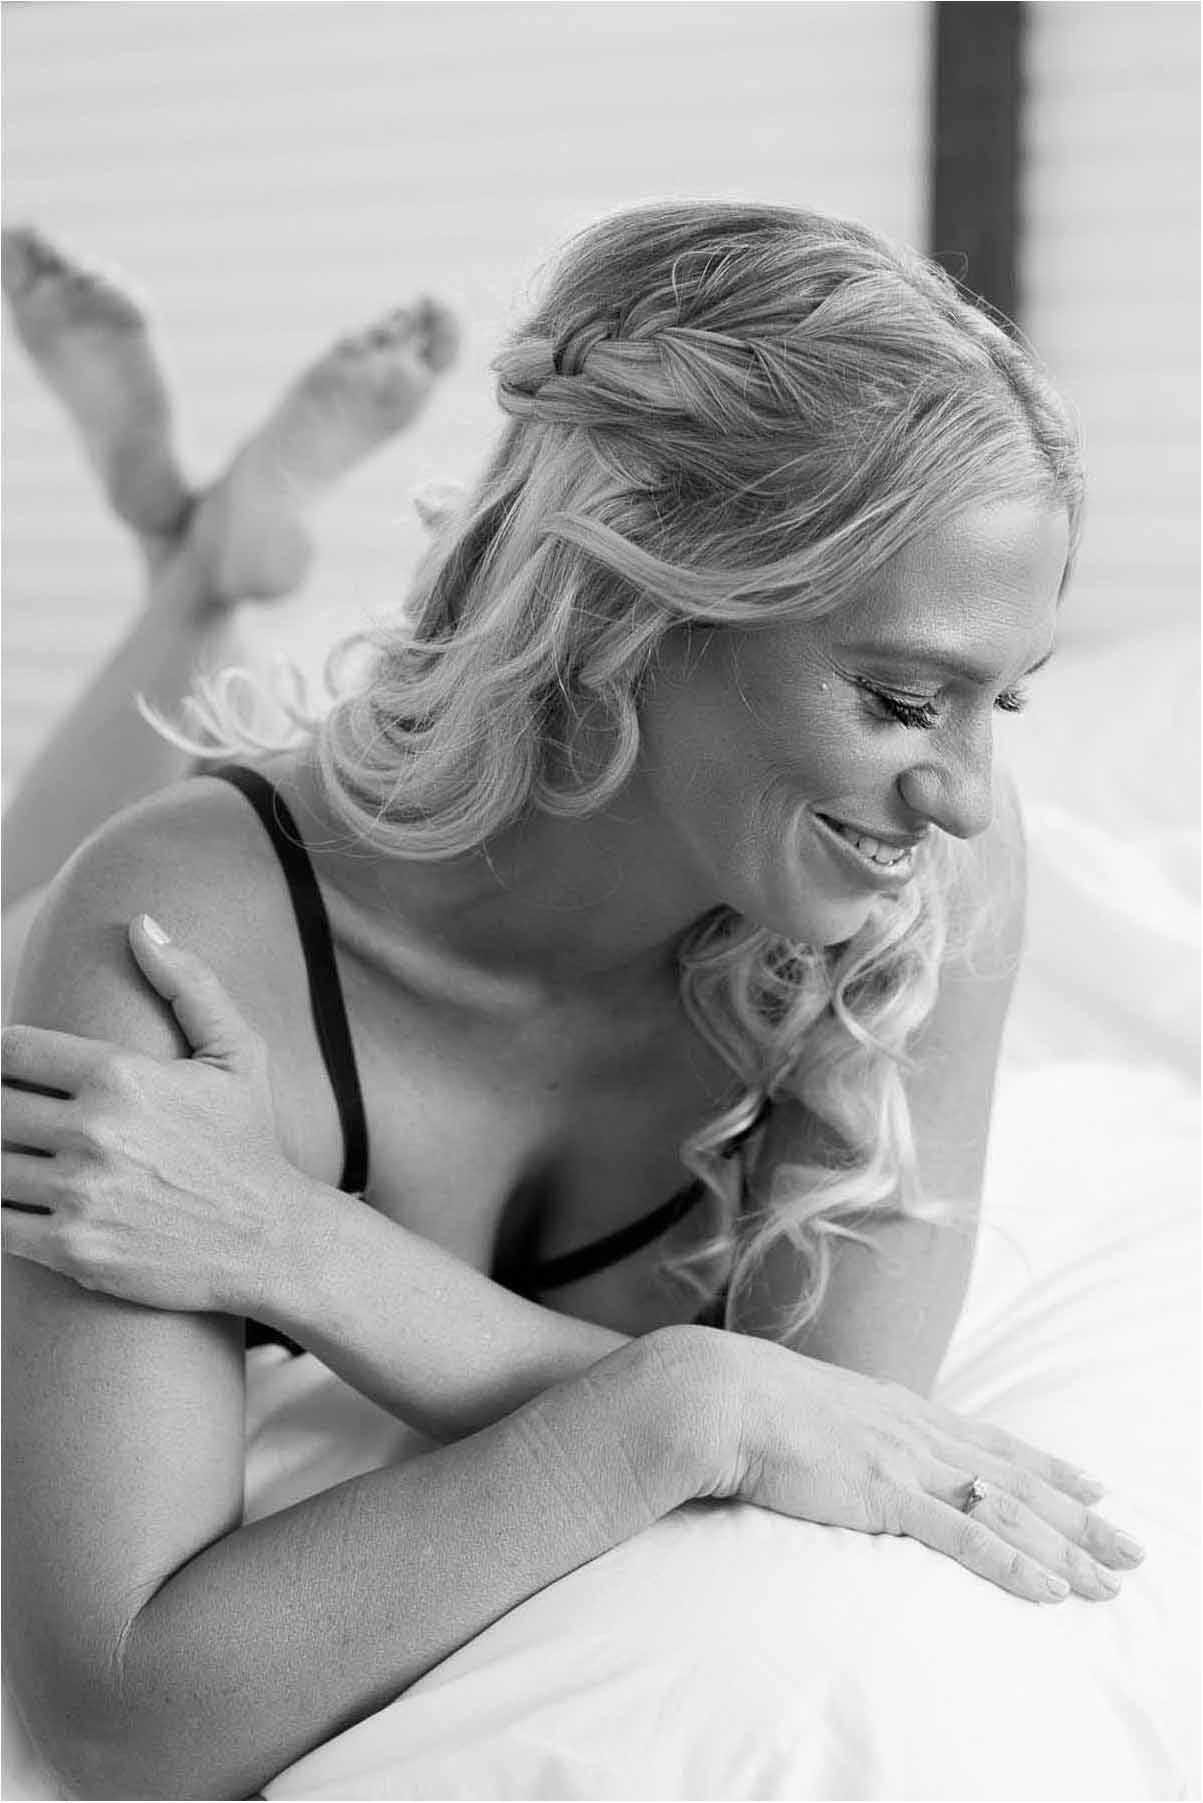 Lad en kvindelig boudoir fotograf stå dine kreative boudoir billeder.